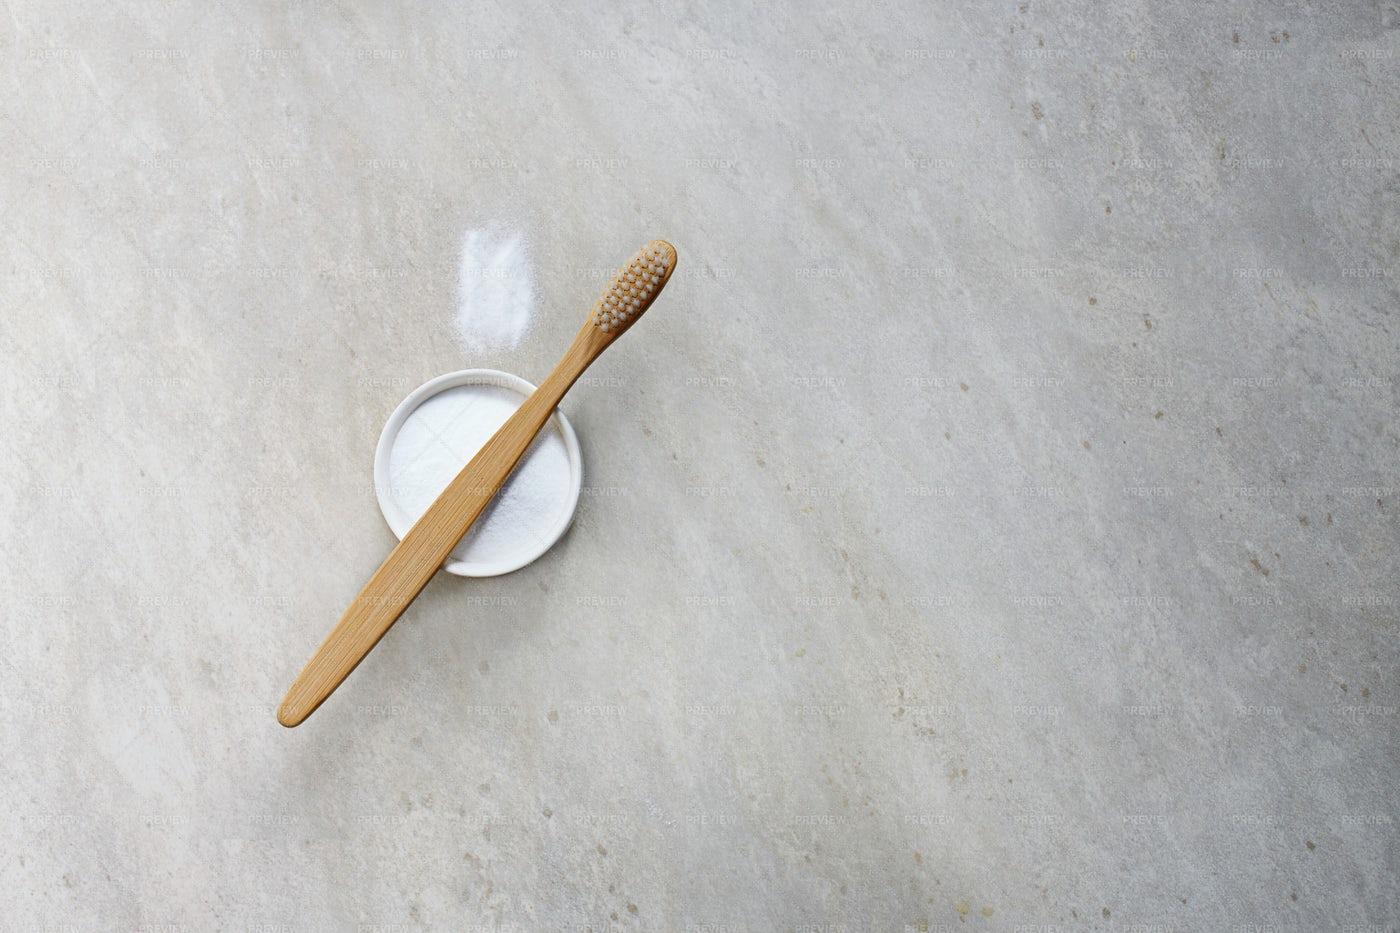 Bamboo Toothbrush: Stock Photos